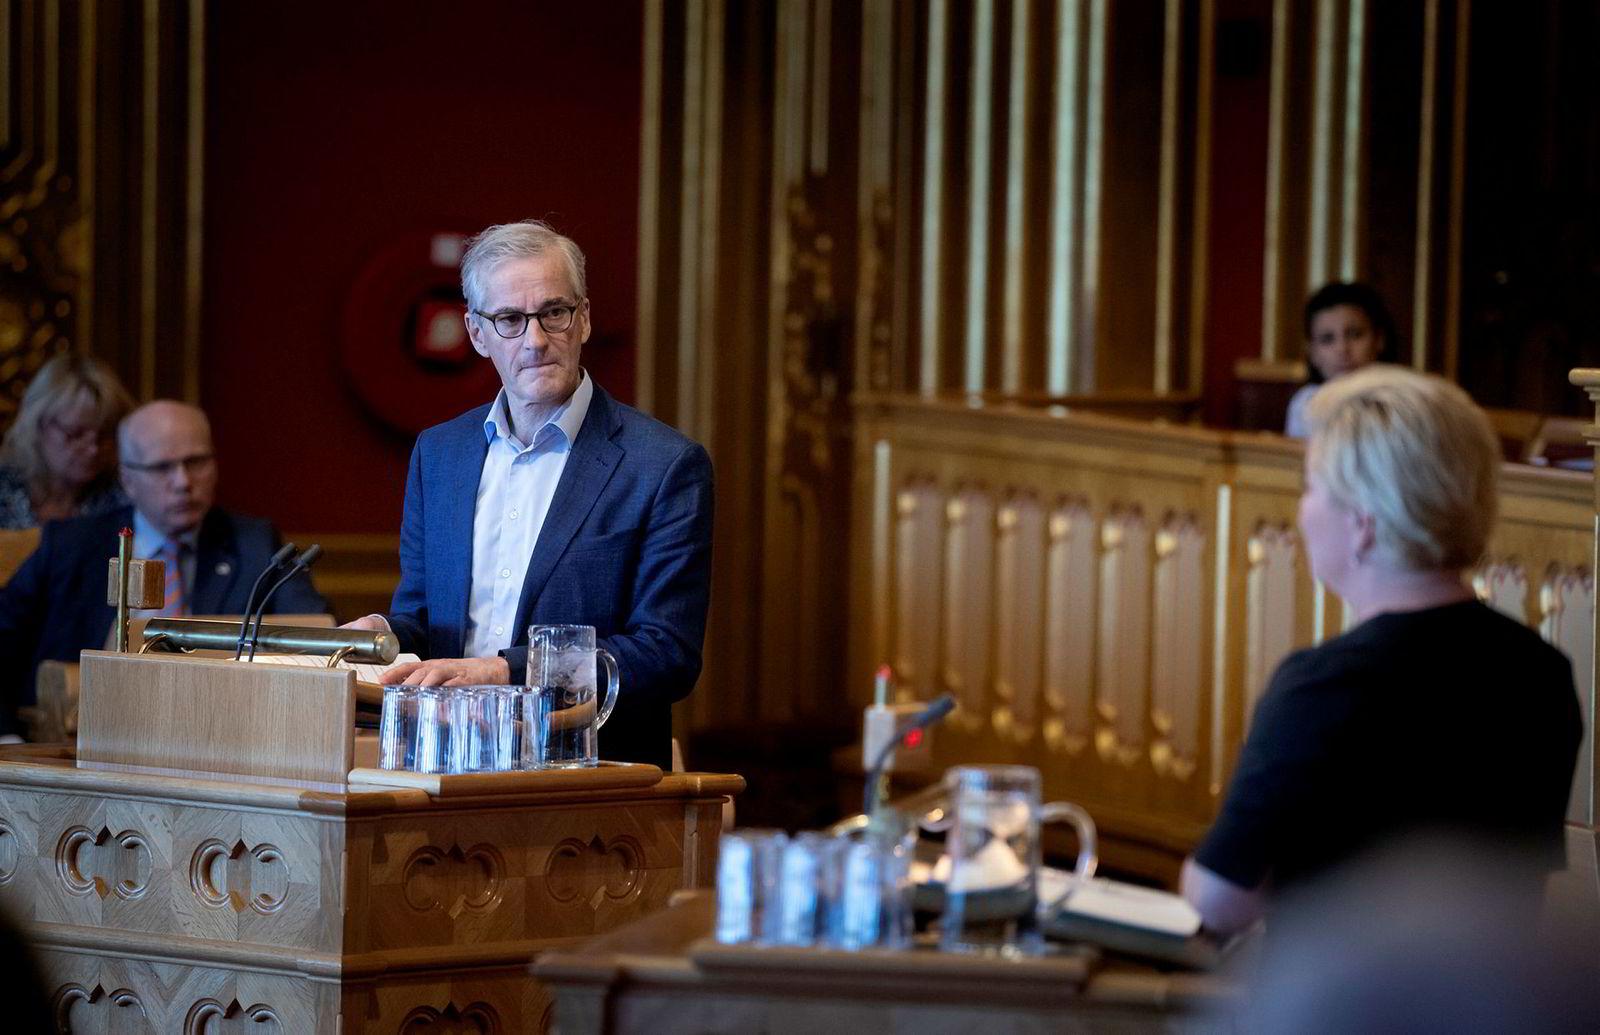 Ap-leder Jonas Gahr Støre reagerer på håndteringen fra regjeringen. Her fra da han utspurte finansminister Siv Jensen om bompenger.